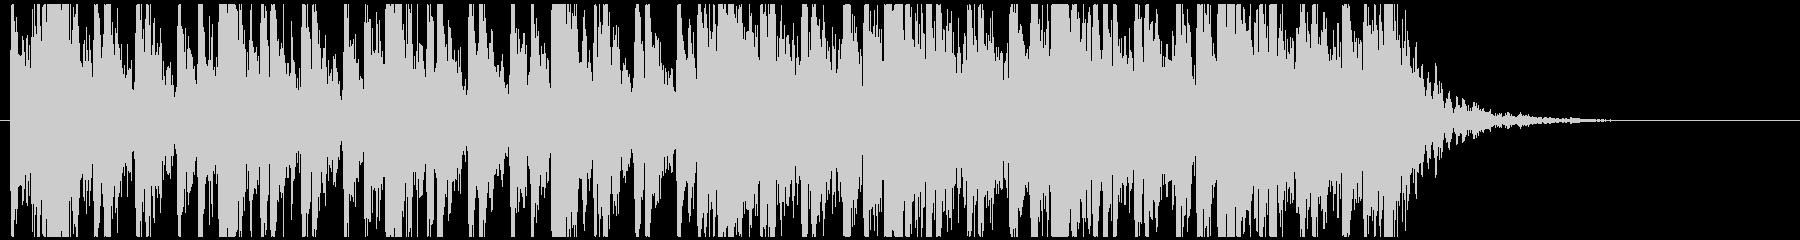 和太鼓のフレーズ3 残響ありBPM130の未再生の波形